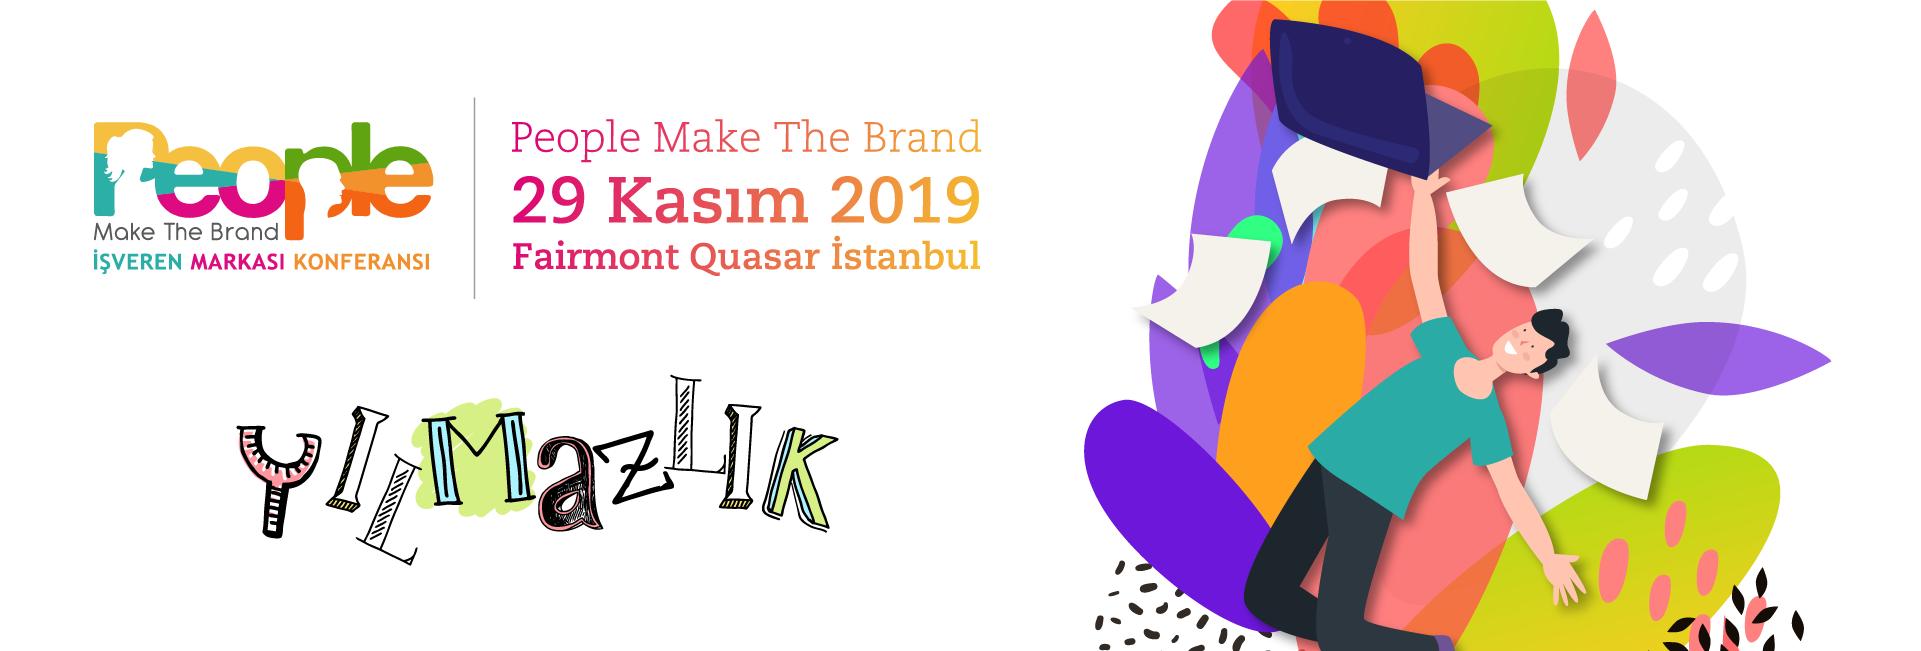 People Make The Brand - İşveren Markası Konferansı